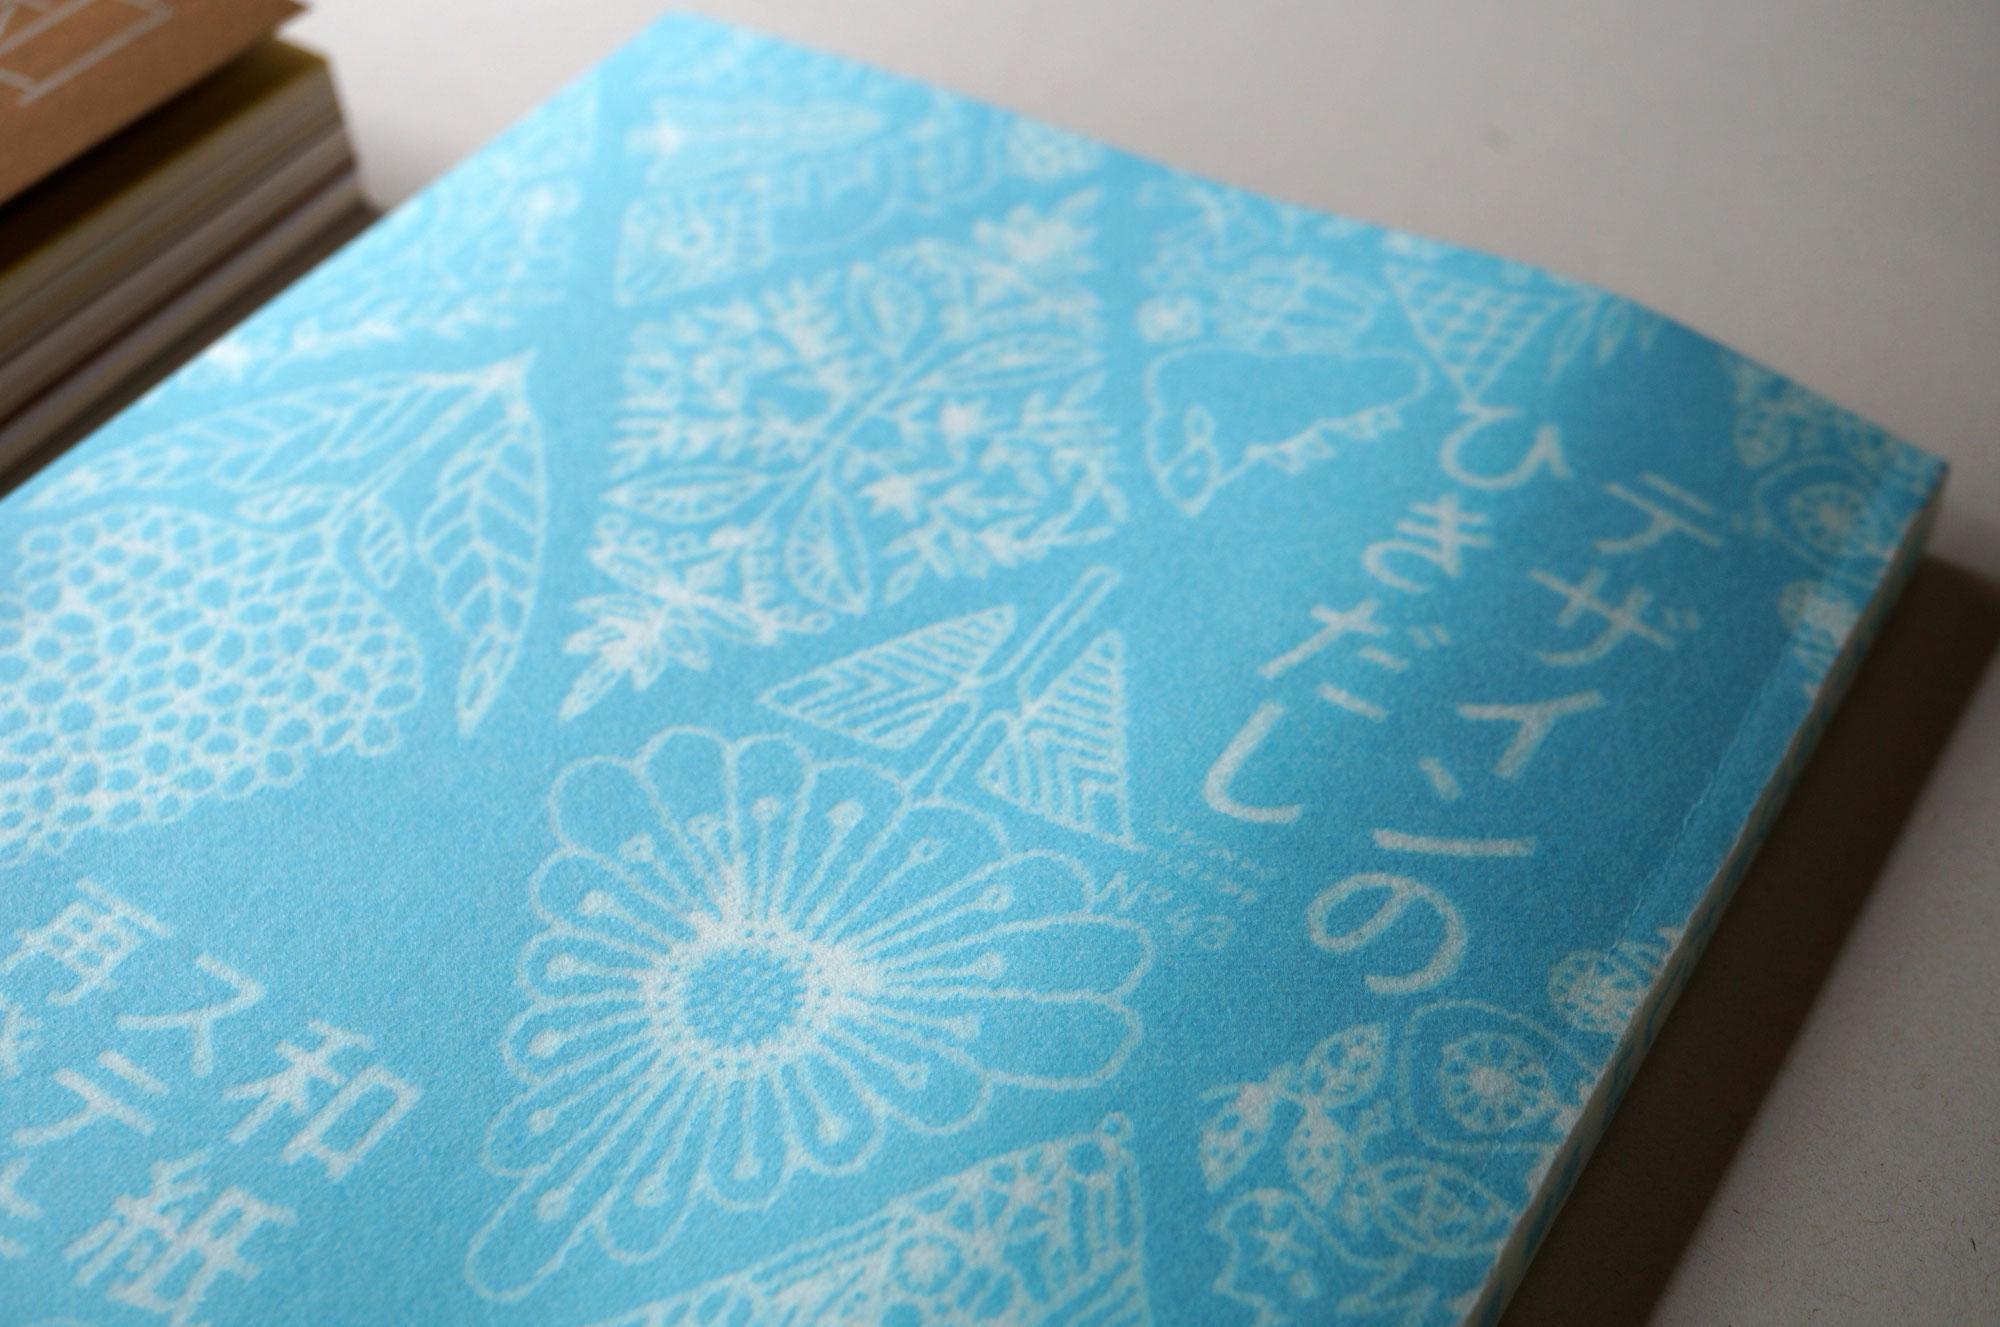 デザイナー向け紙・印刷・加工の情報誌「デザインのひきだし」に弊社の各種和紙製品が掲載